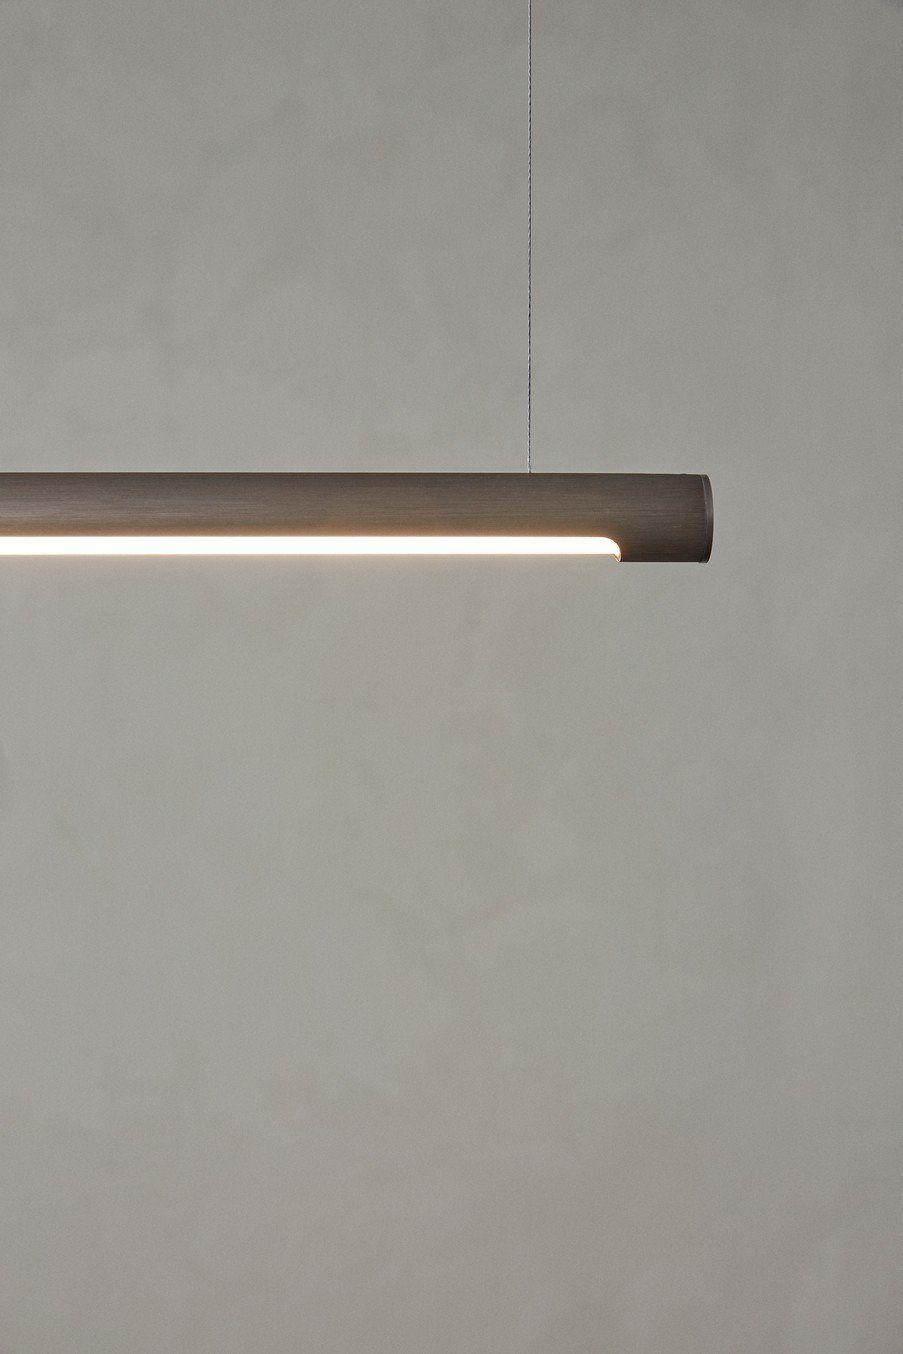 Task Led Pendant Light By Menu